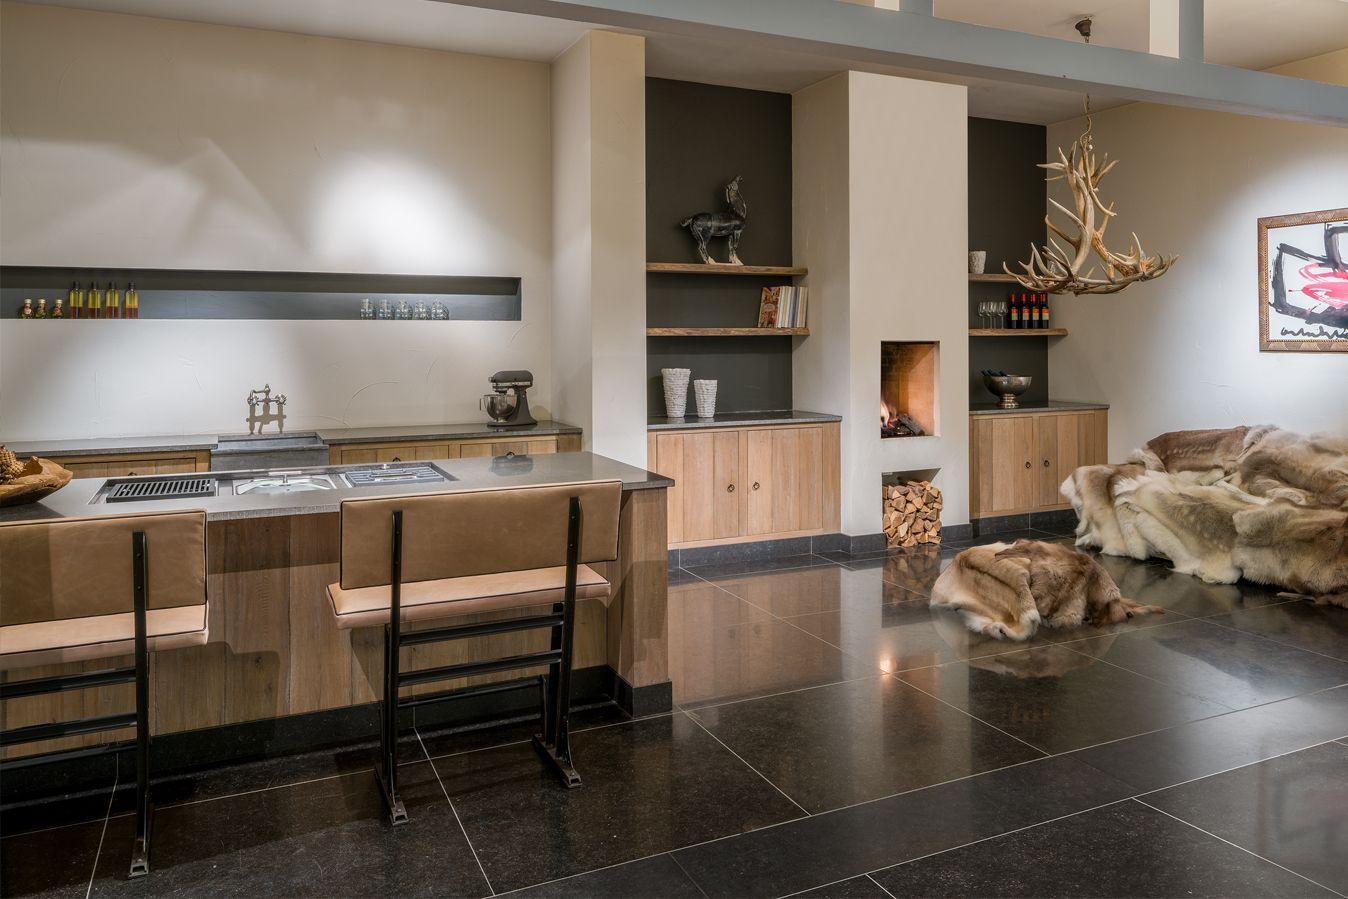 Keuken Badkamer Vloeren : Wooninspiratie voor keuken badkamer vloer en meubilair bij de